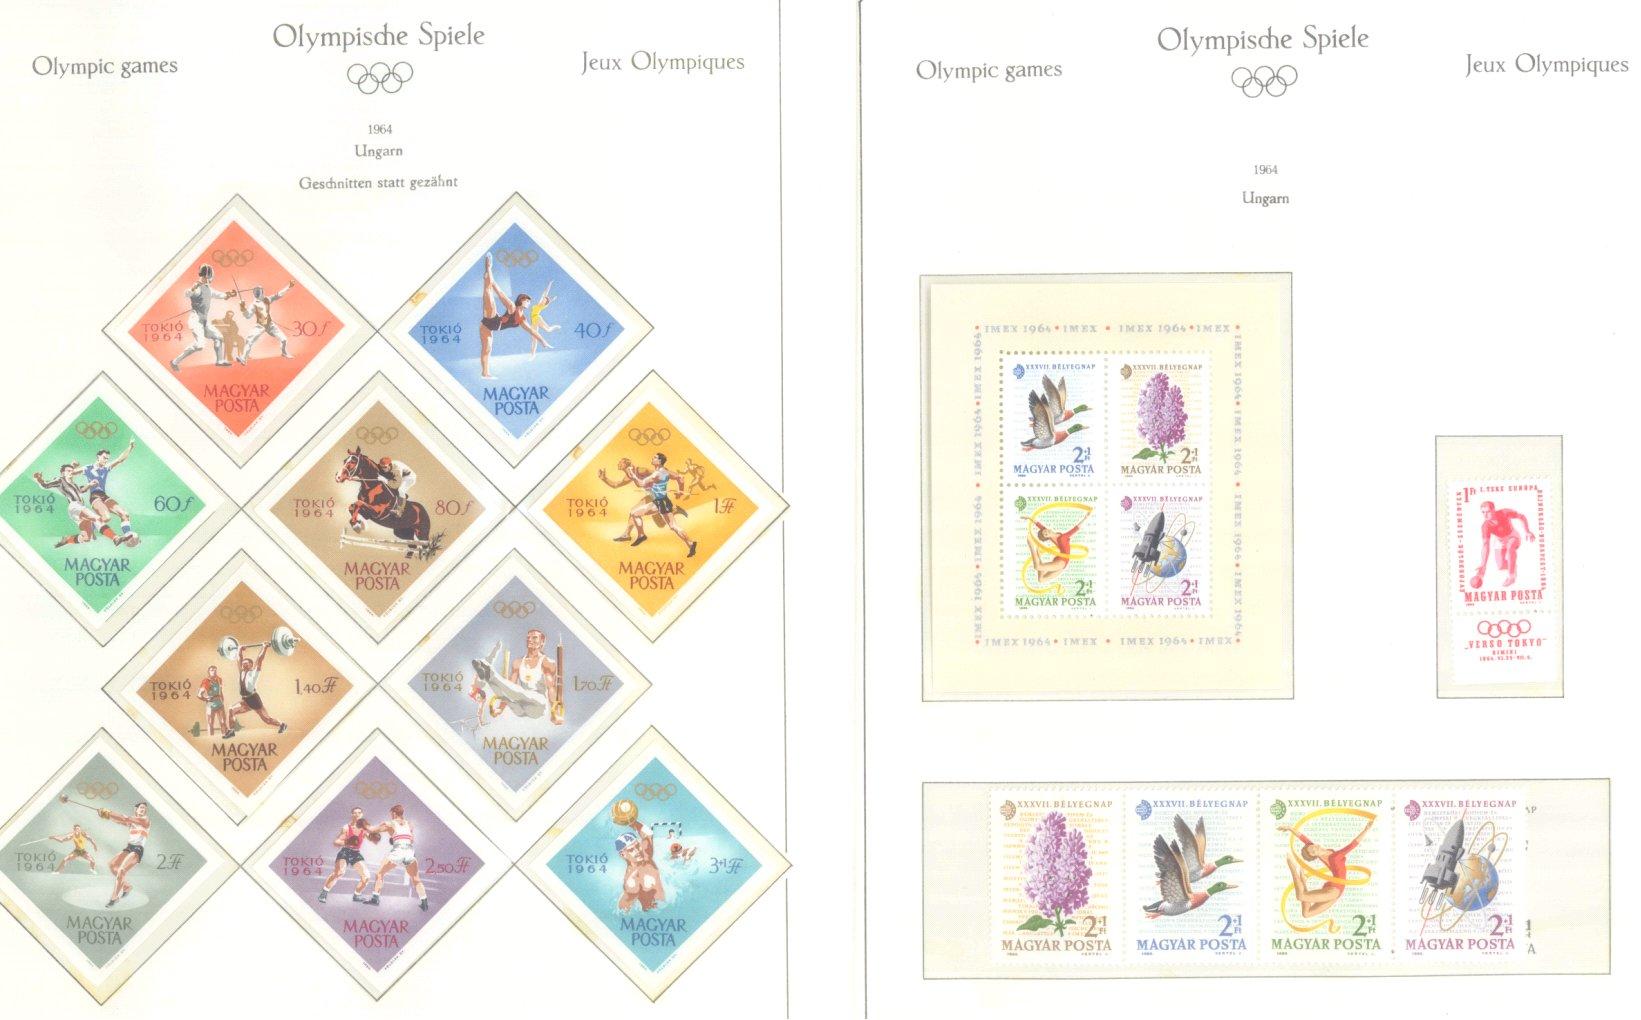 OLYMPISCHE SPIELE 1964 TOKIO, postfrische Sammlung Teil 2-51